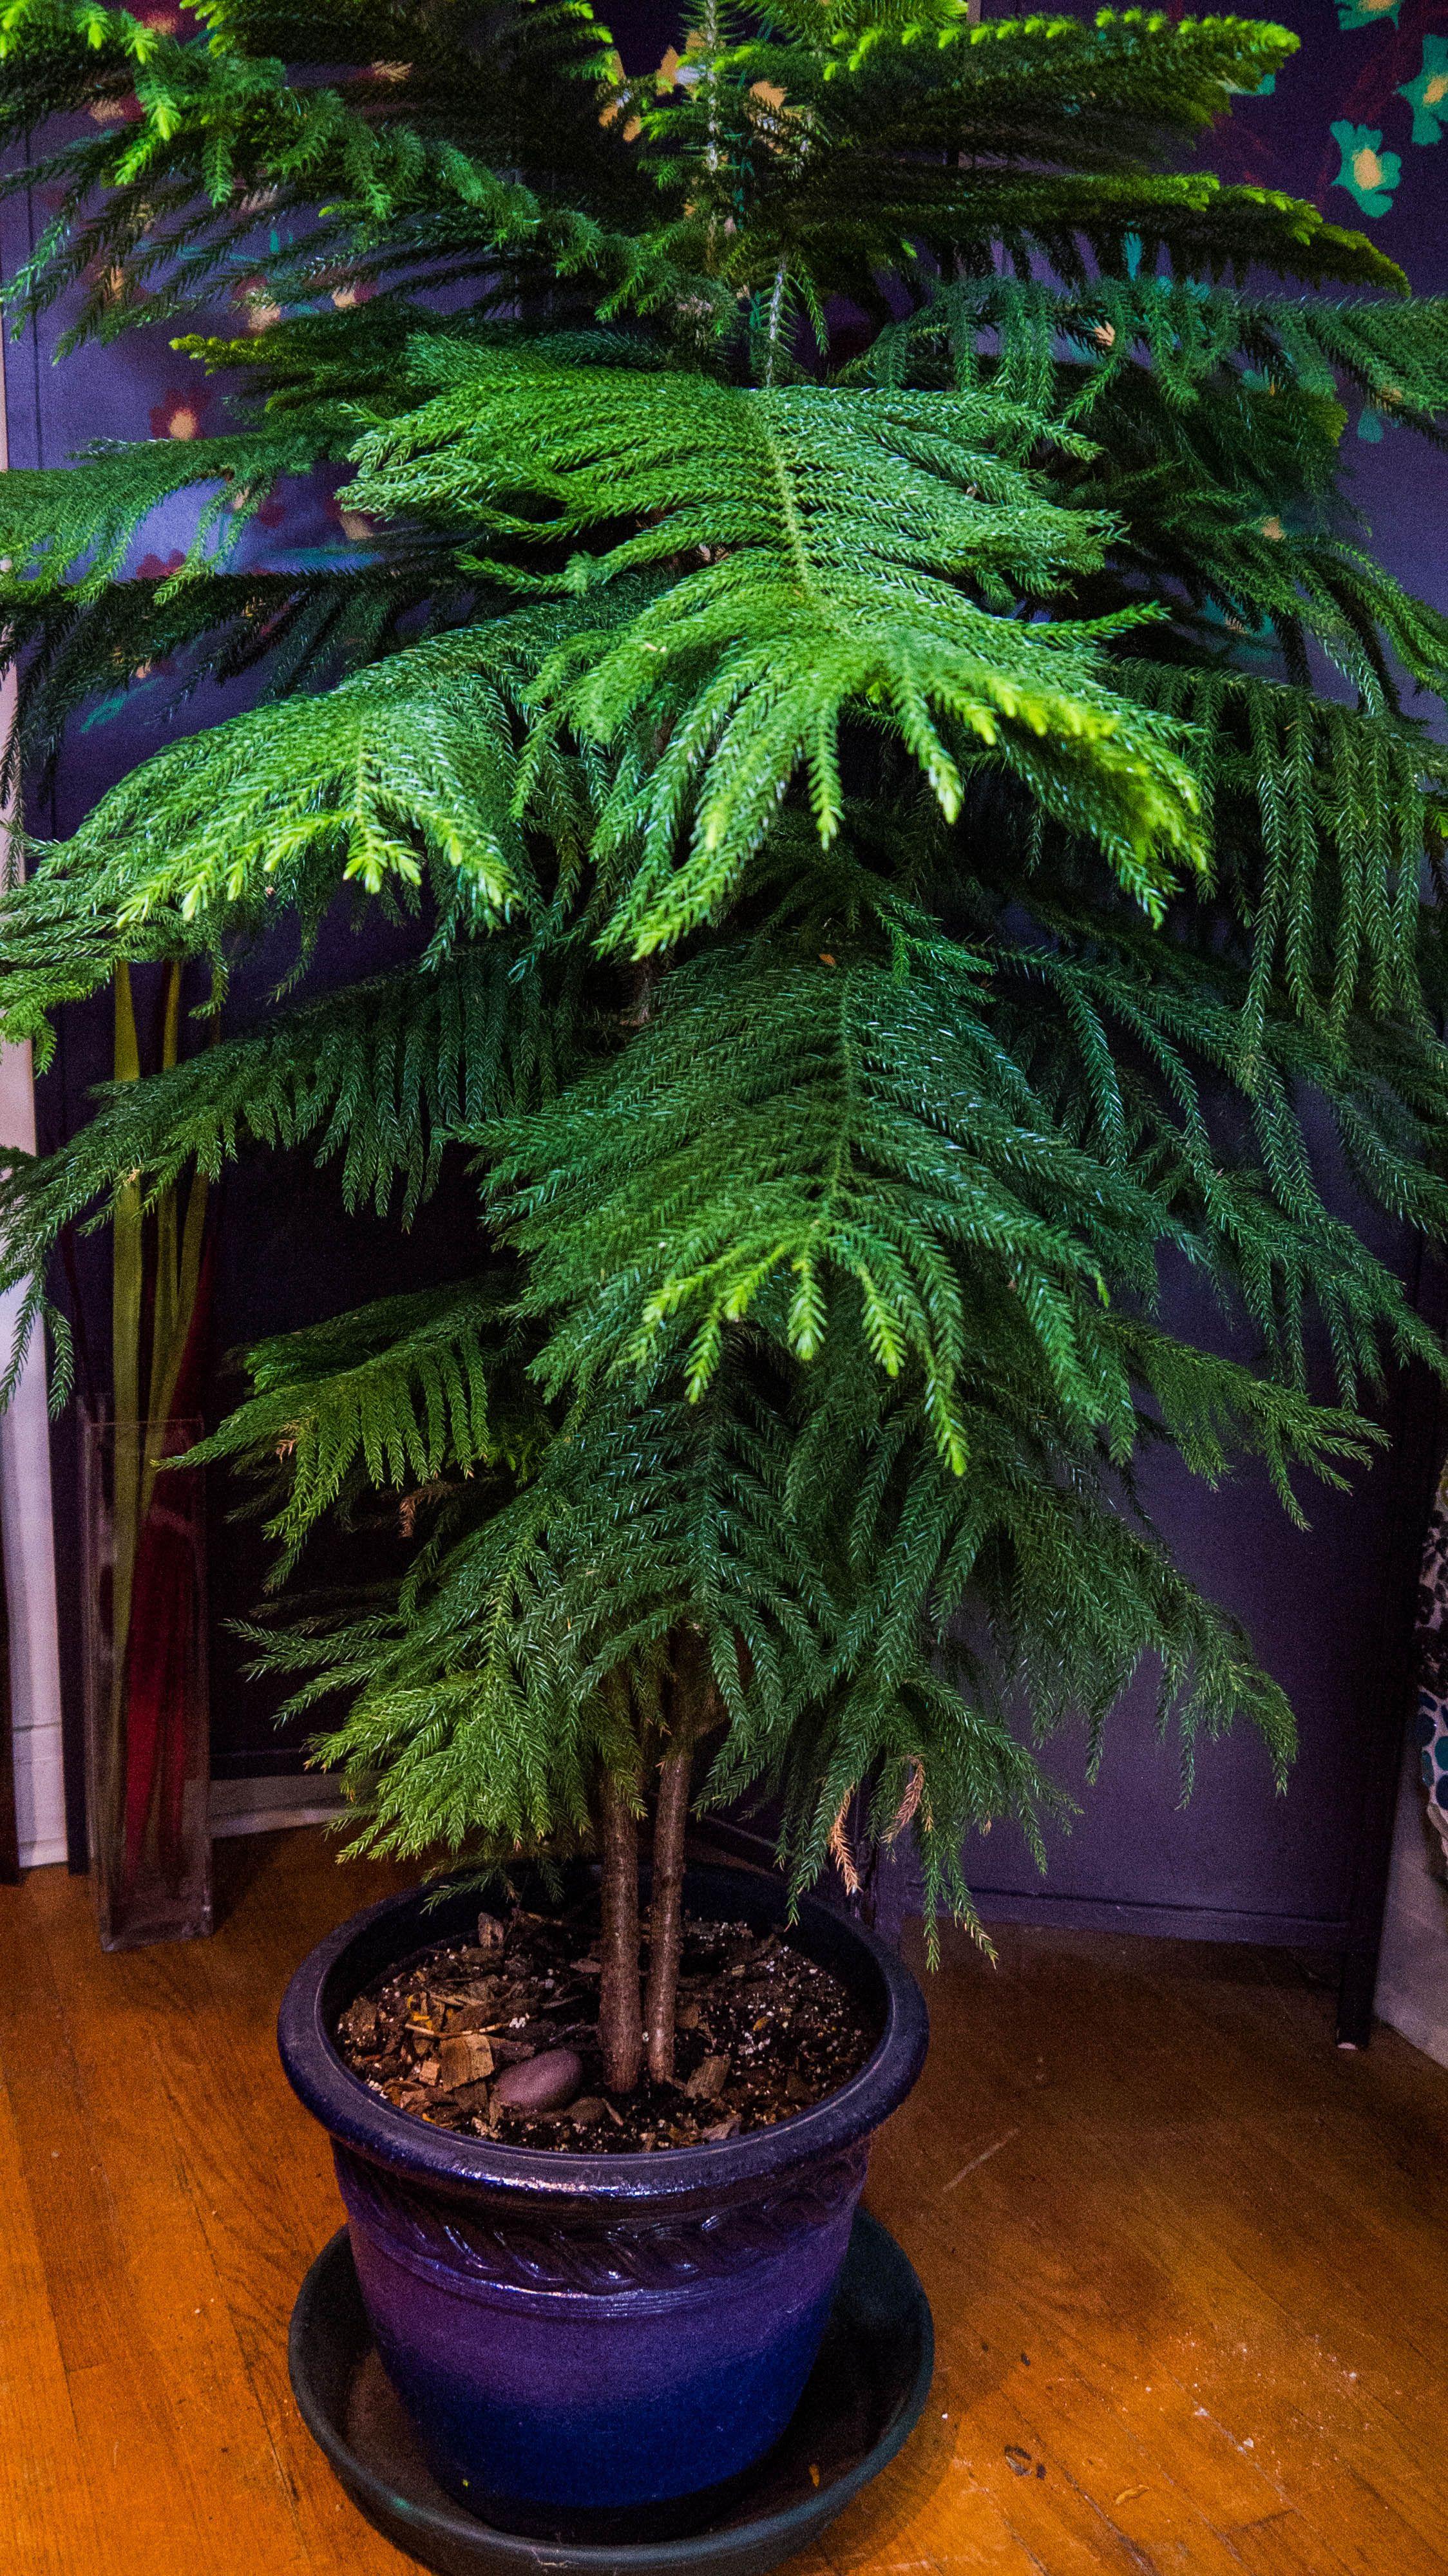 norfolk pine featured indoor plant plants. Black Bedroom Furniture Sets. Home Design Ideas